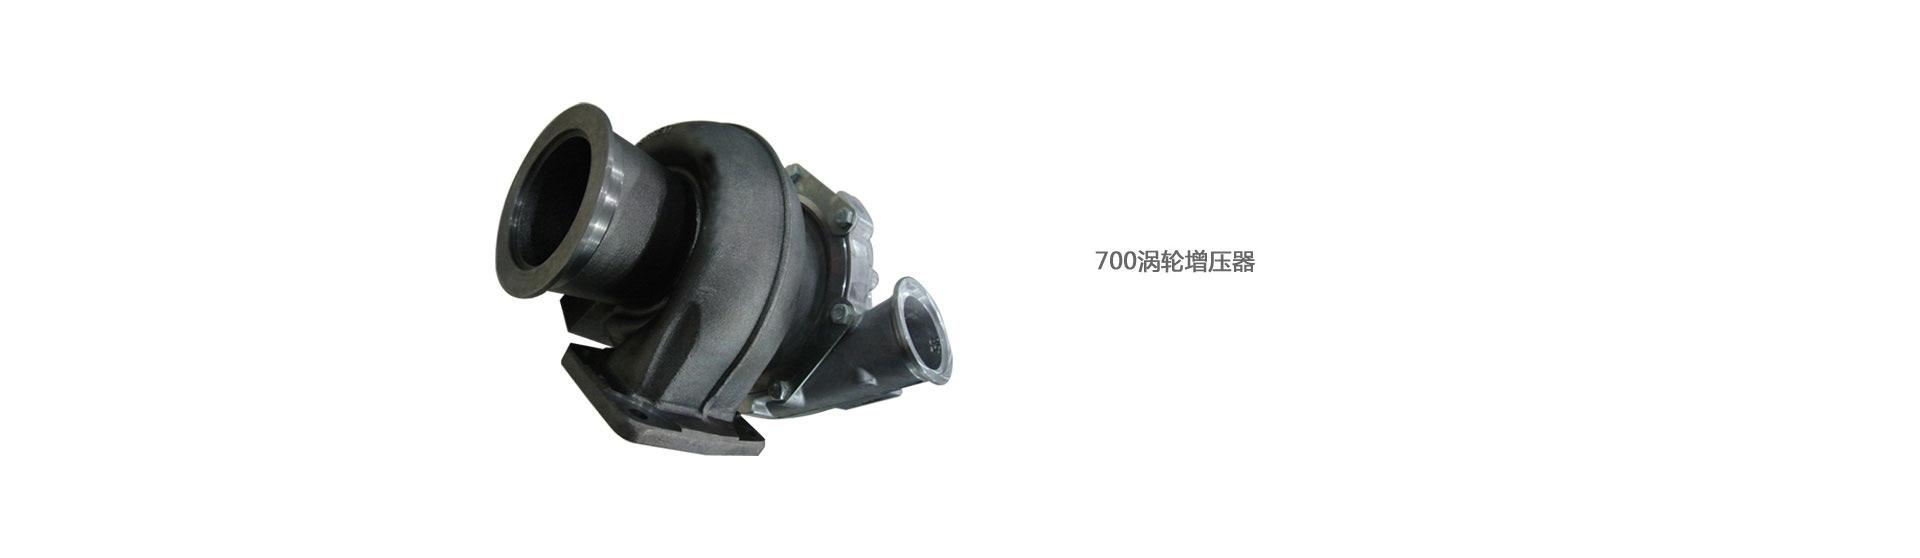 沃尔沃700涡轮增压器